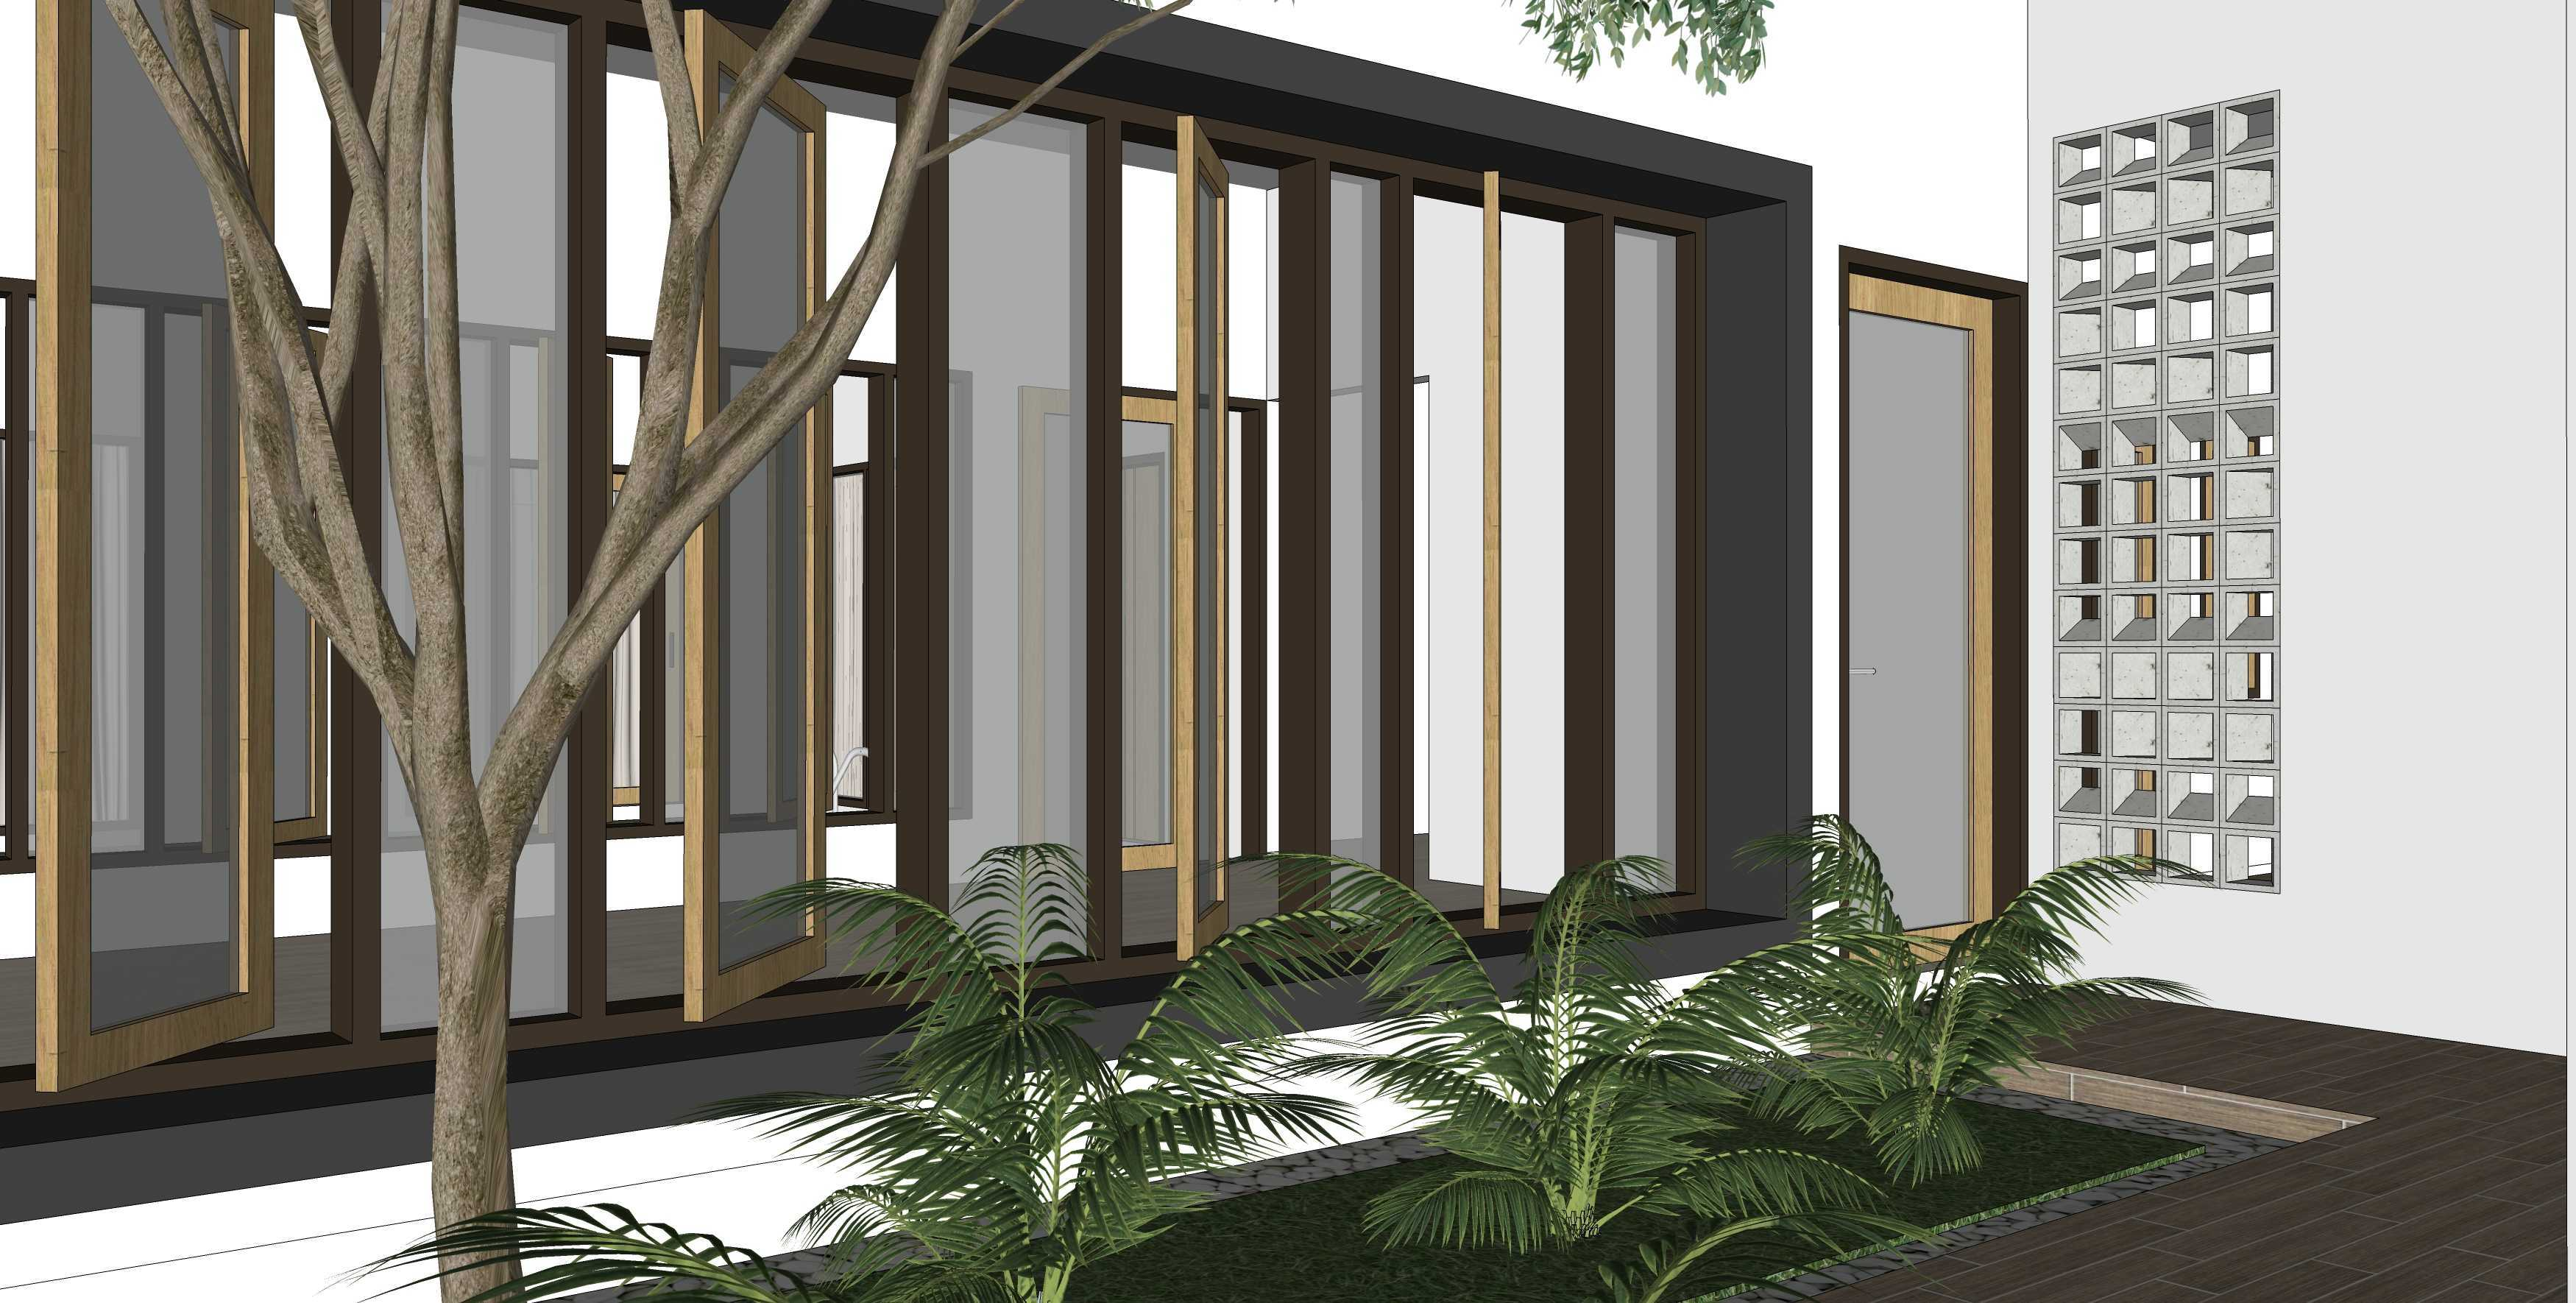 Miv Architects (Muhammad Ikhsan Hamiru & Partners) Oemah Ema Kabupaten Bantaeng, Sulawesi Selatan, Indonesia Kabupaten Bantaeng, Sulawesi Selatan, Indonesia Oemah Ema   42356